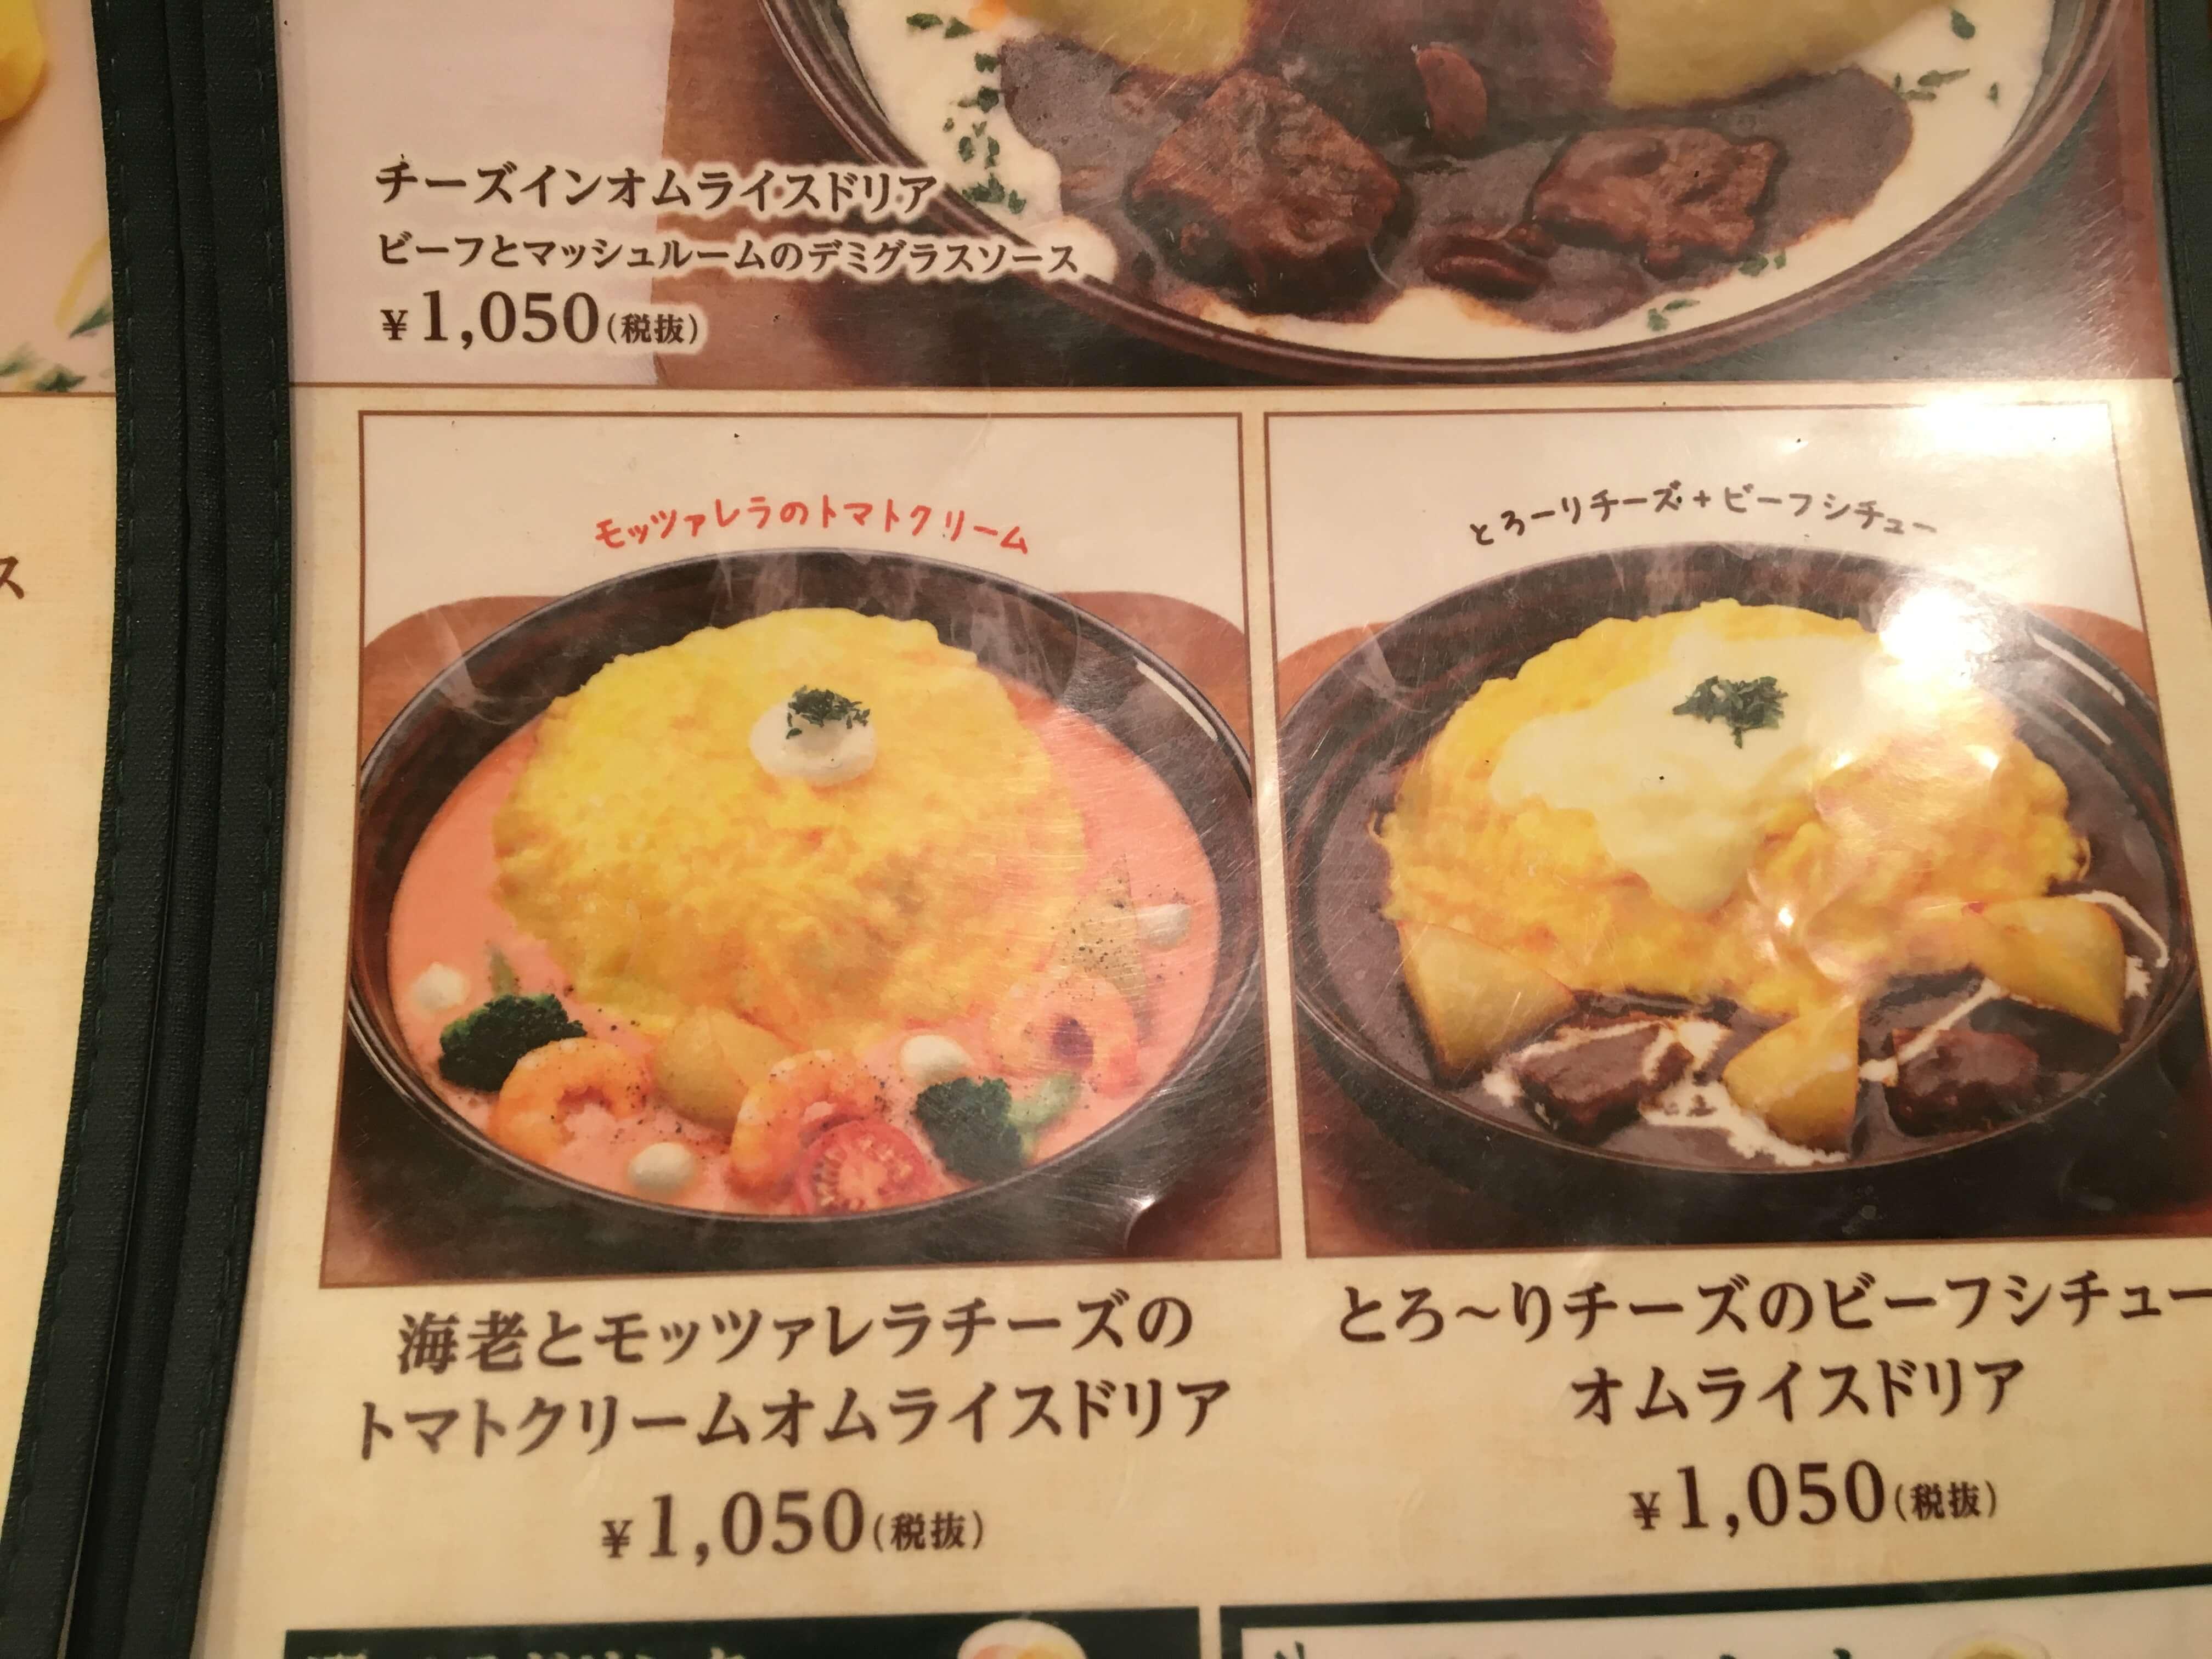 卵と私 札幌アピア店のメニュー(海老とモッツァレラチーズのトマトクリームオムライスドリア・とろ〜りチーズのビーフシチューオムライスドリア)